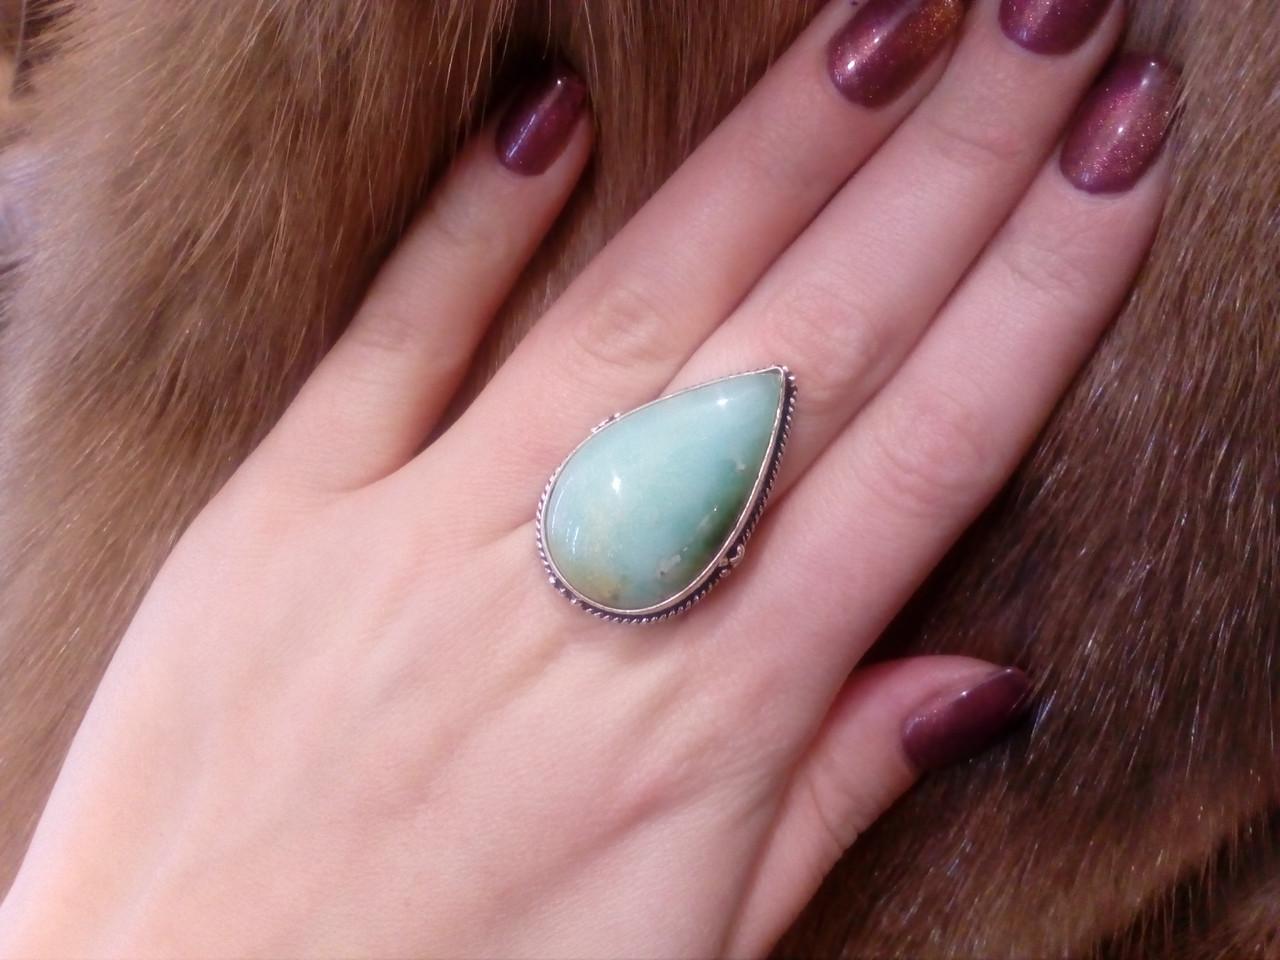 Кольцо природный хризопраз в серебре. Кольцо с яблочным хризопразом 17 размер Индия!